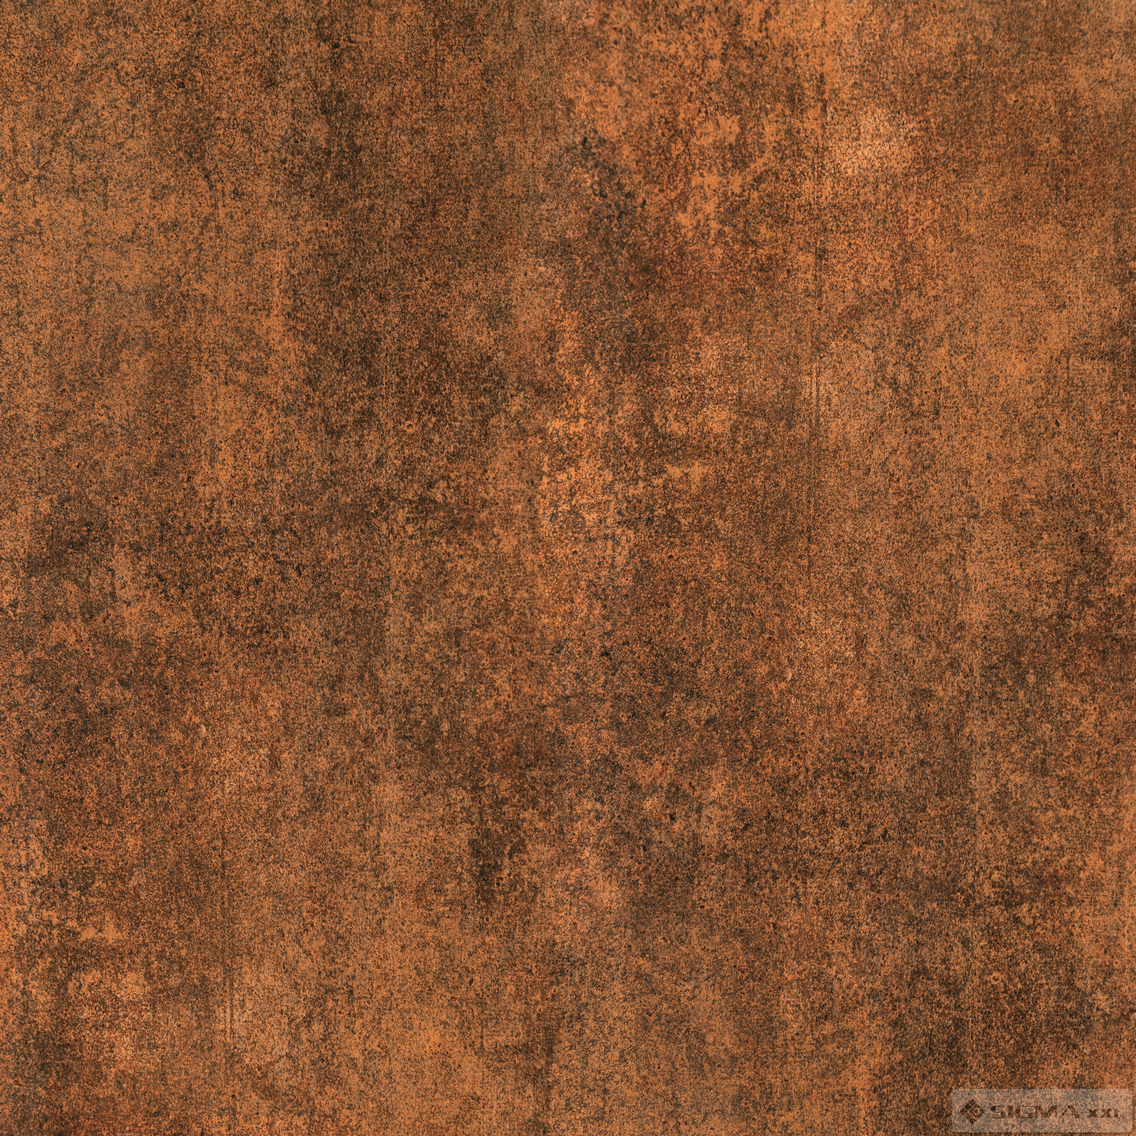 Imagine Gresie Finestra Brown MAT 59,8x59,8